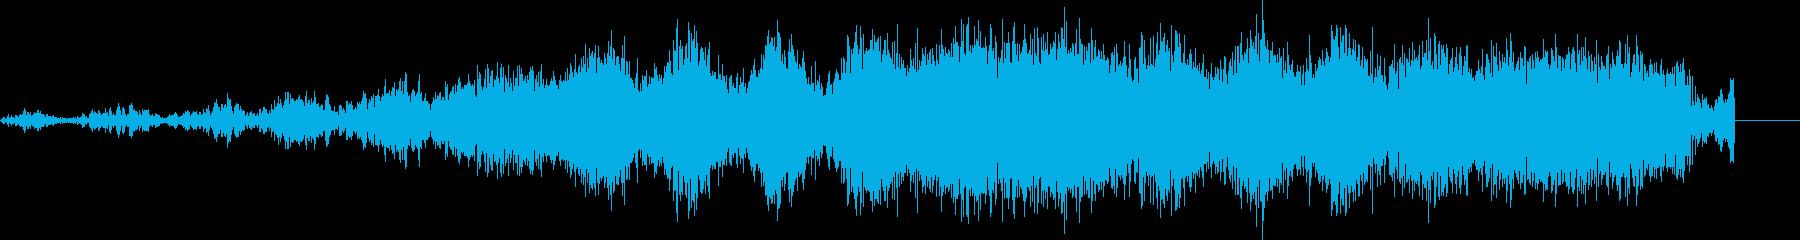 スピードアップで遅い強烈な歪んだランブルの再生済みの波形